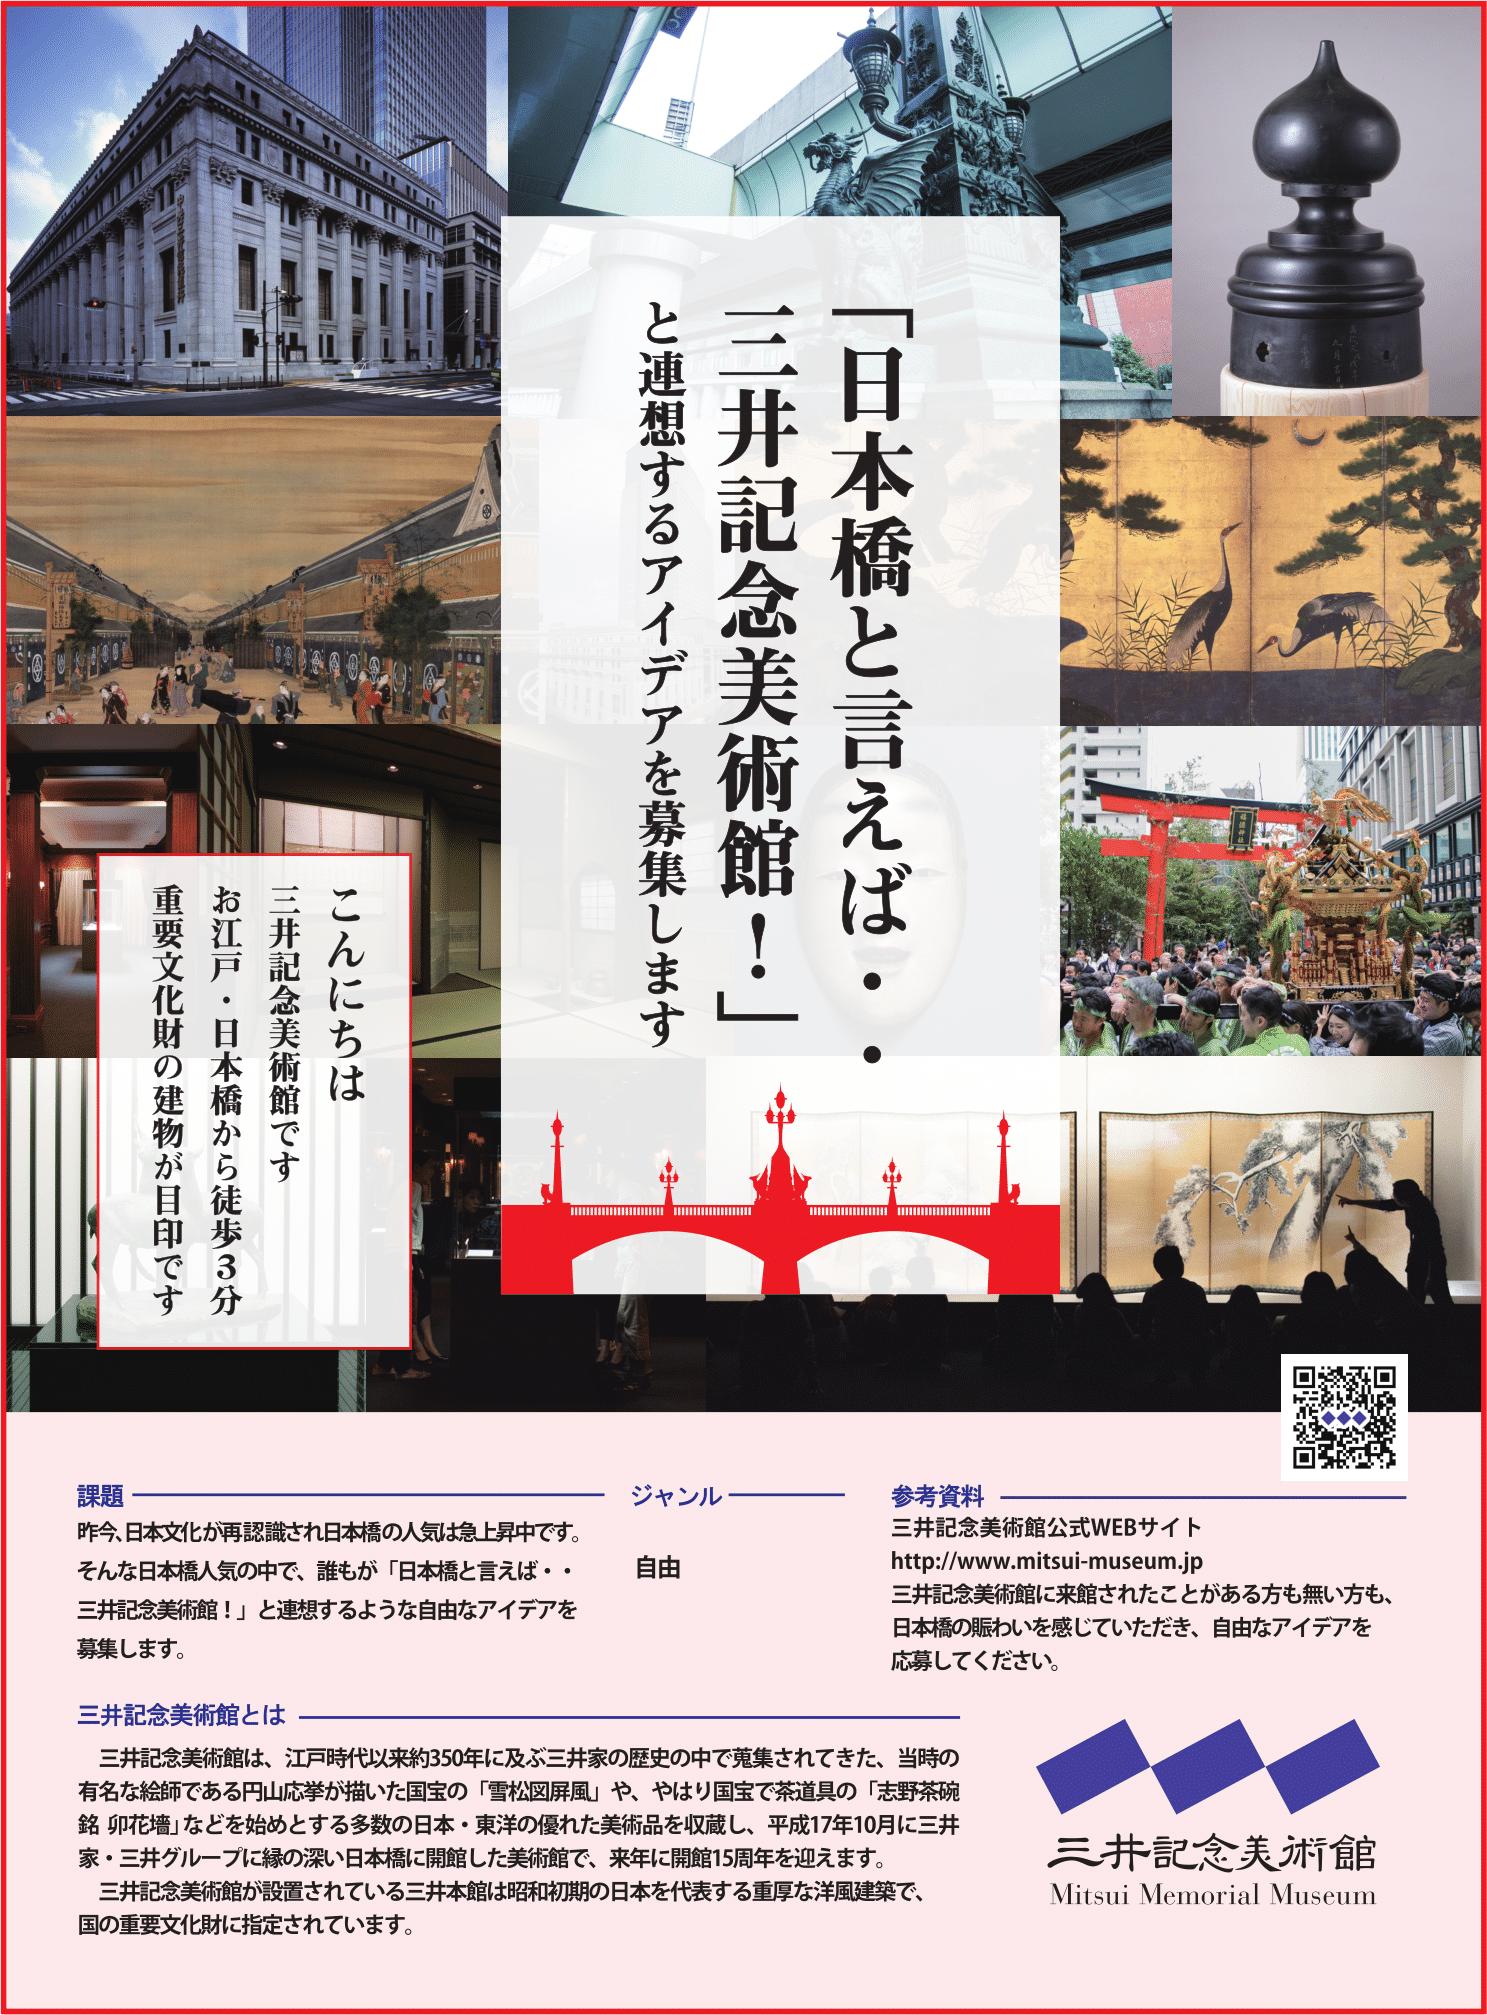 33.三井記念美術館